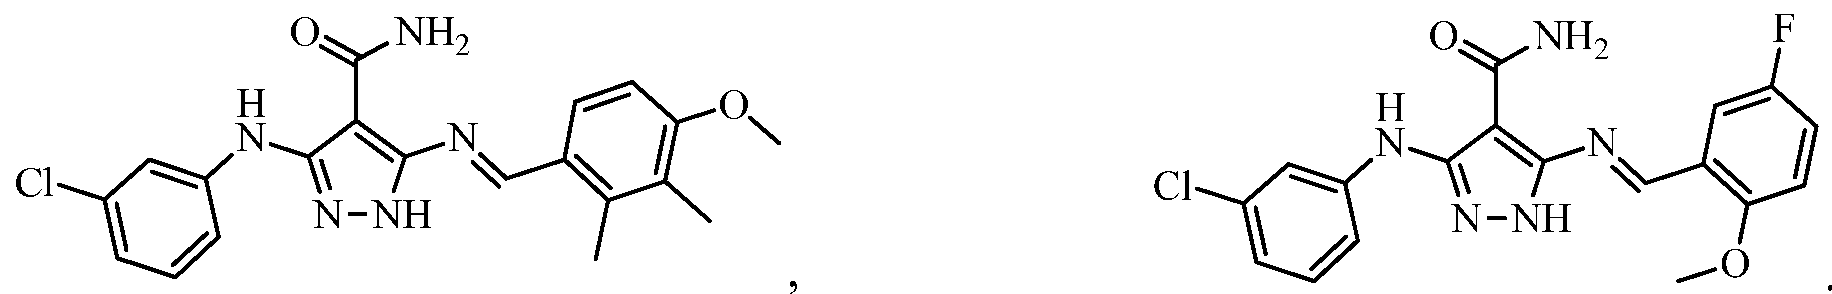 Figure imgf000175_0004